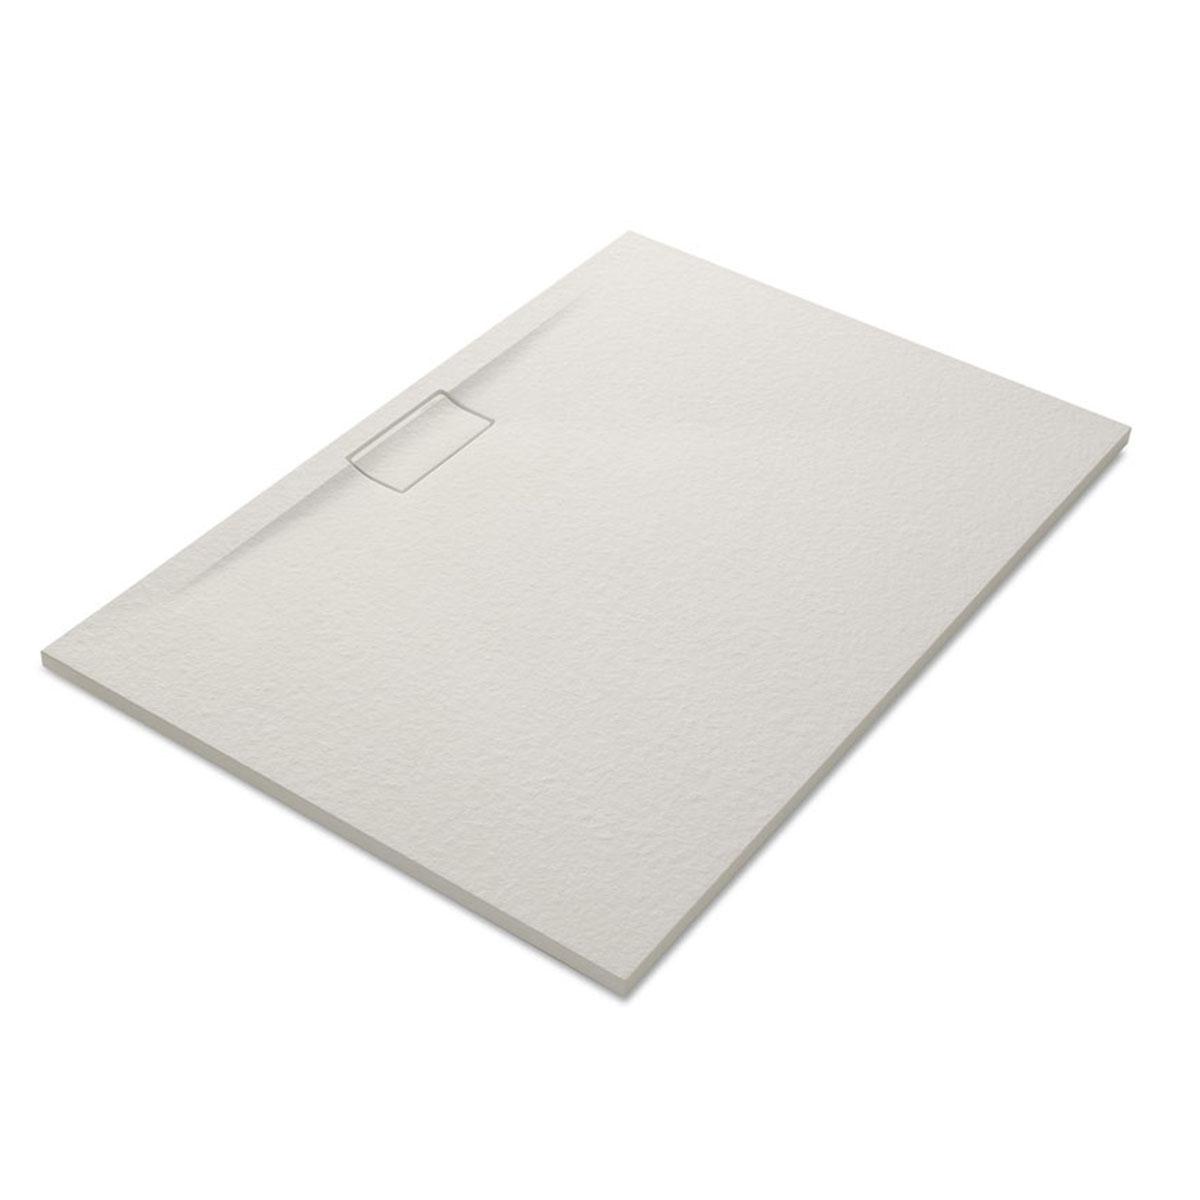 Plato de ducha rectangular 120x80 Nova Stone Cover Marfil